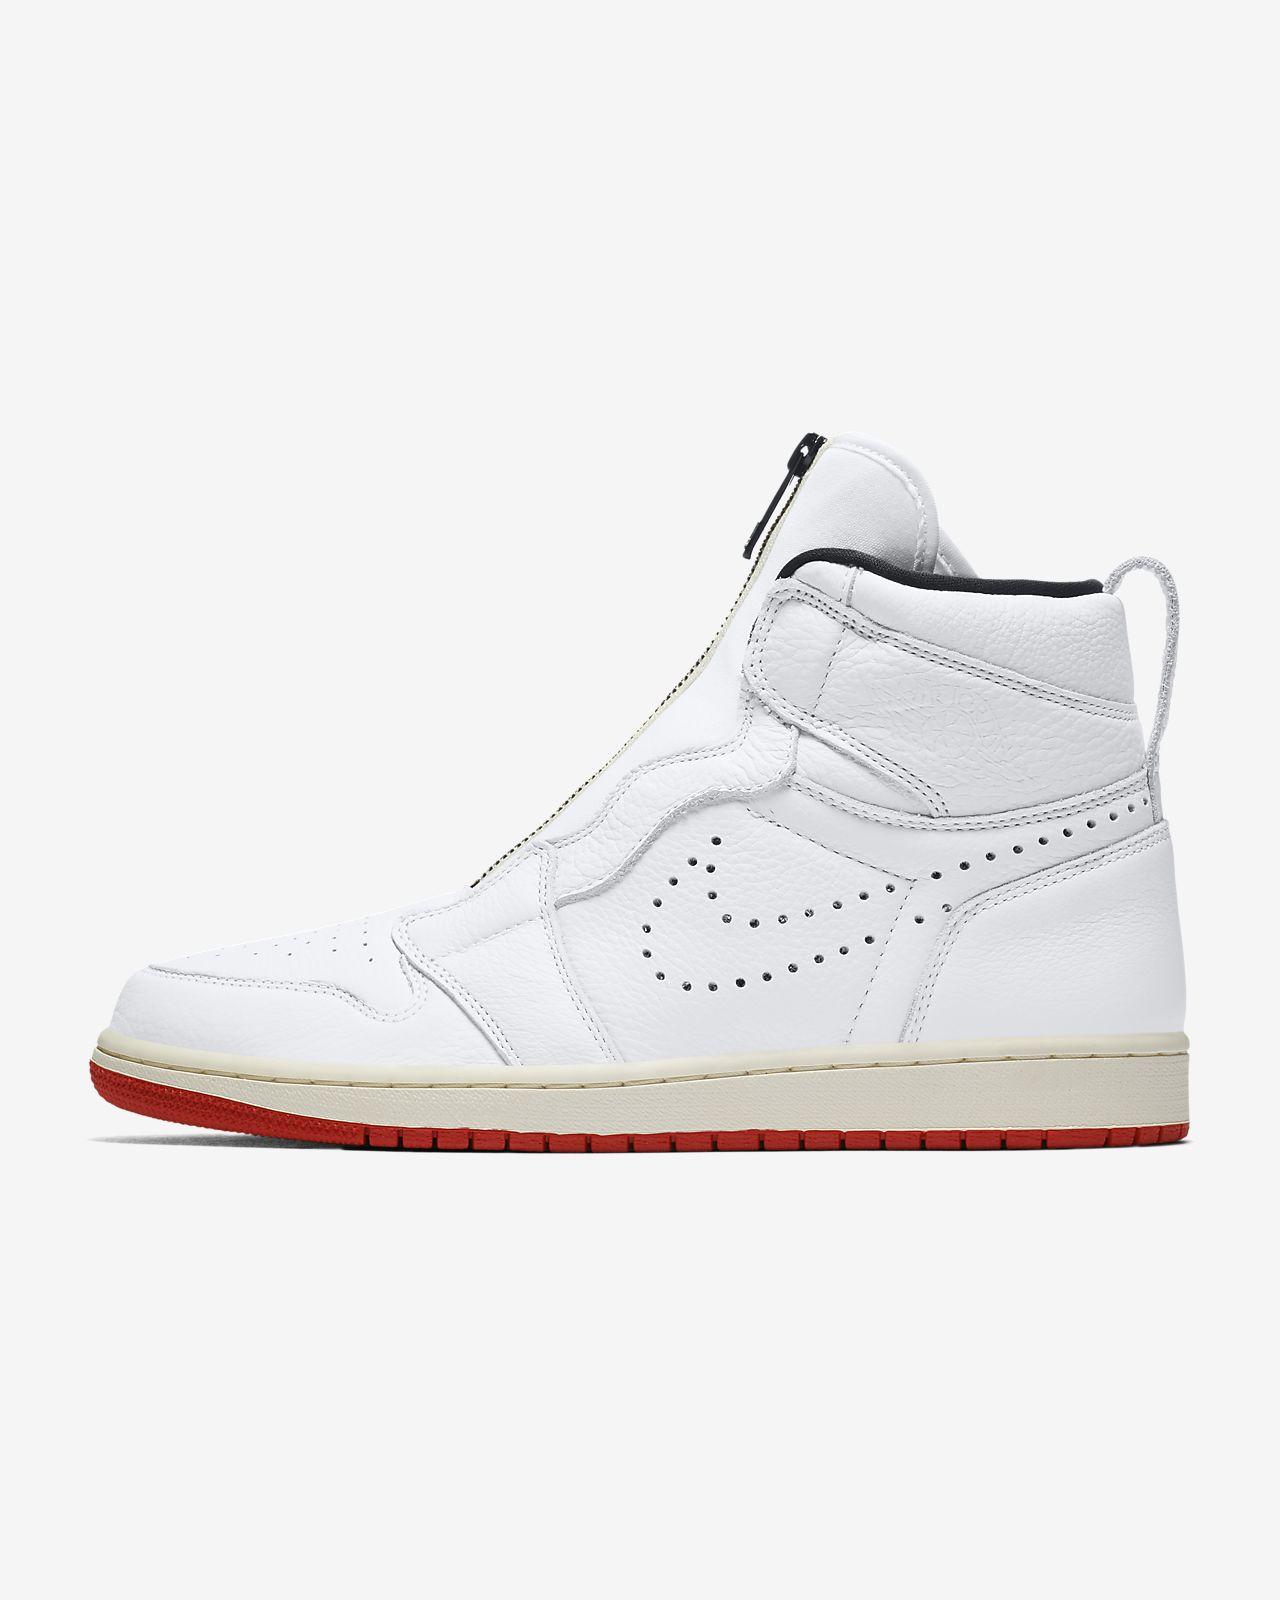 46e2840c122 Air Jordan 1 High Zip Men's Shoe. Nike.com